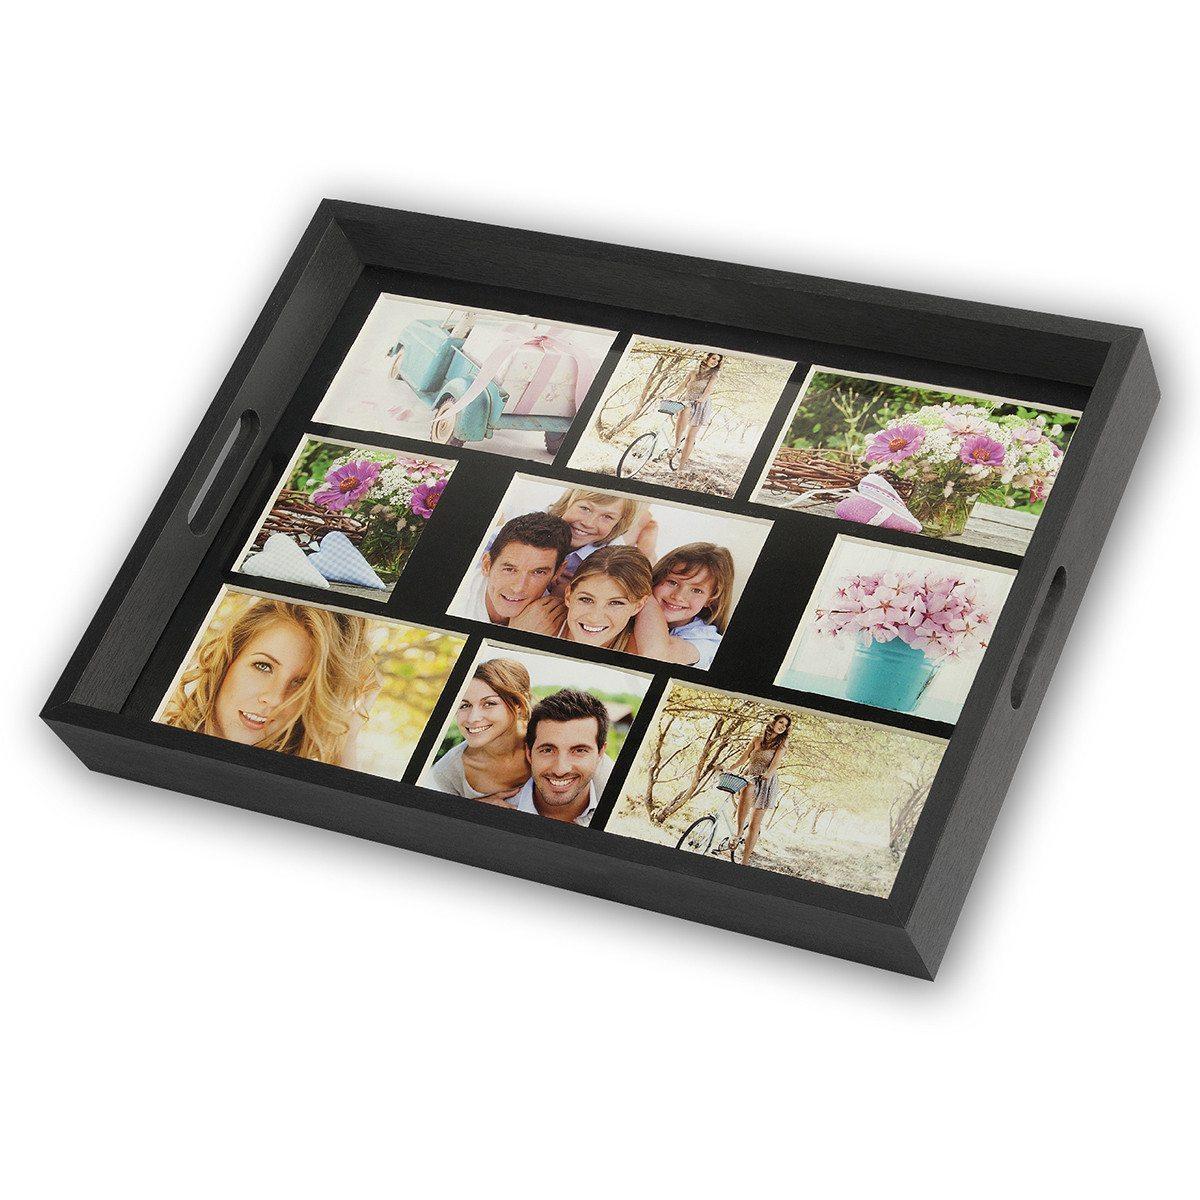 Individuell gestaltbares Foto-Tablett